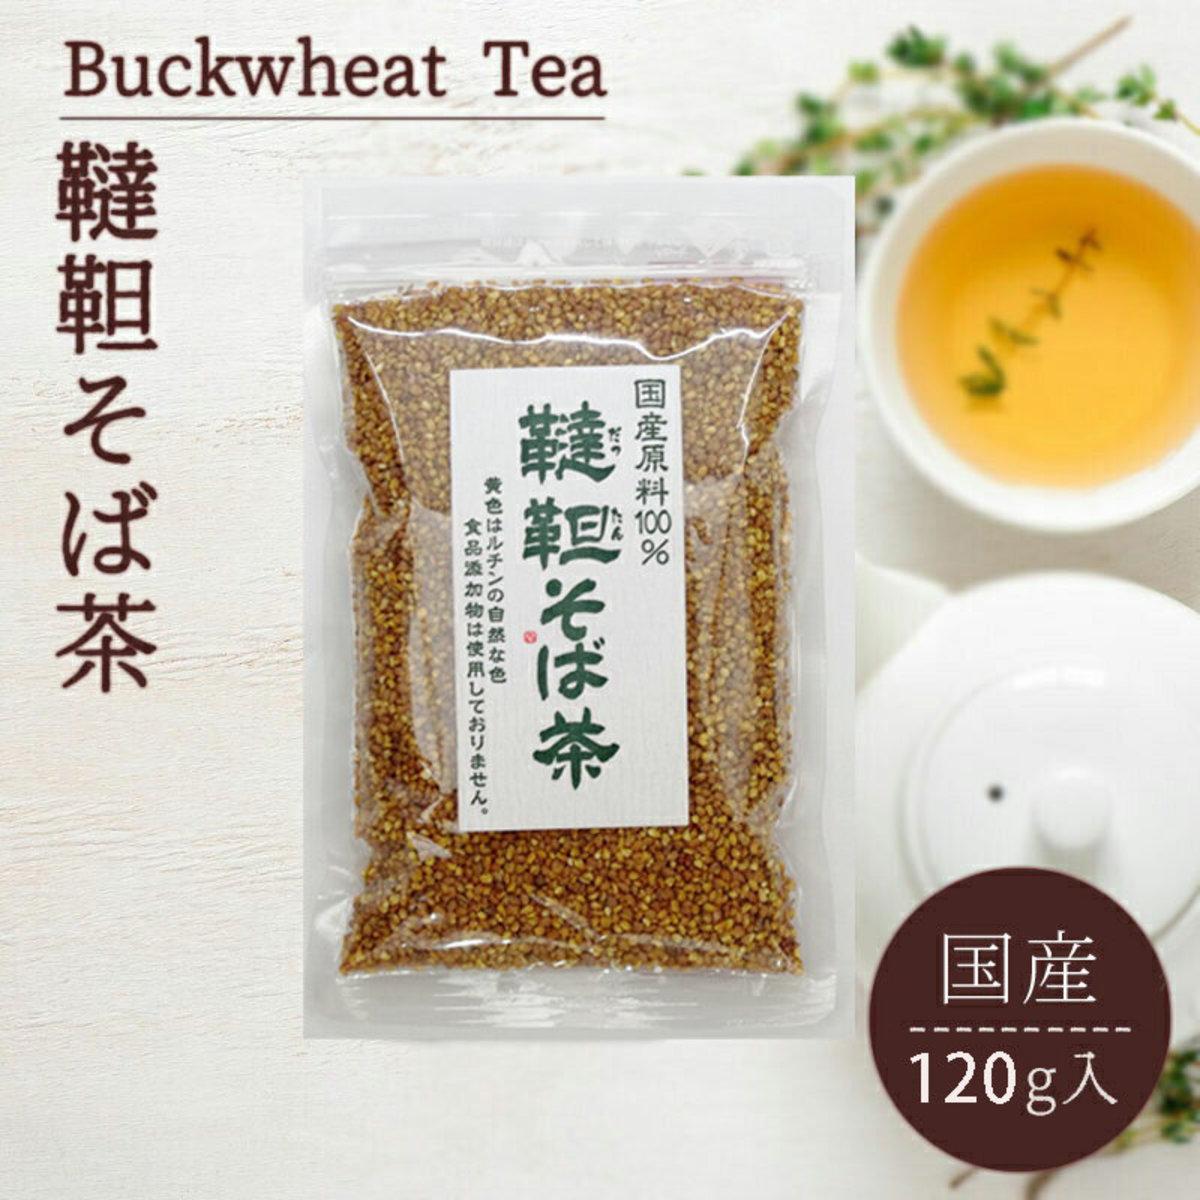 Hoikaodo Golden Buckwheat Tea 120g